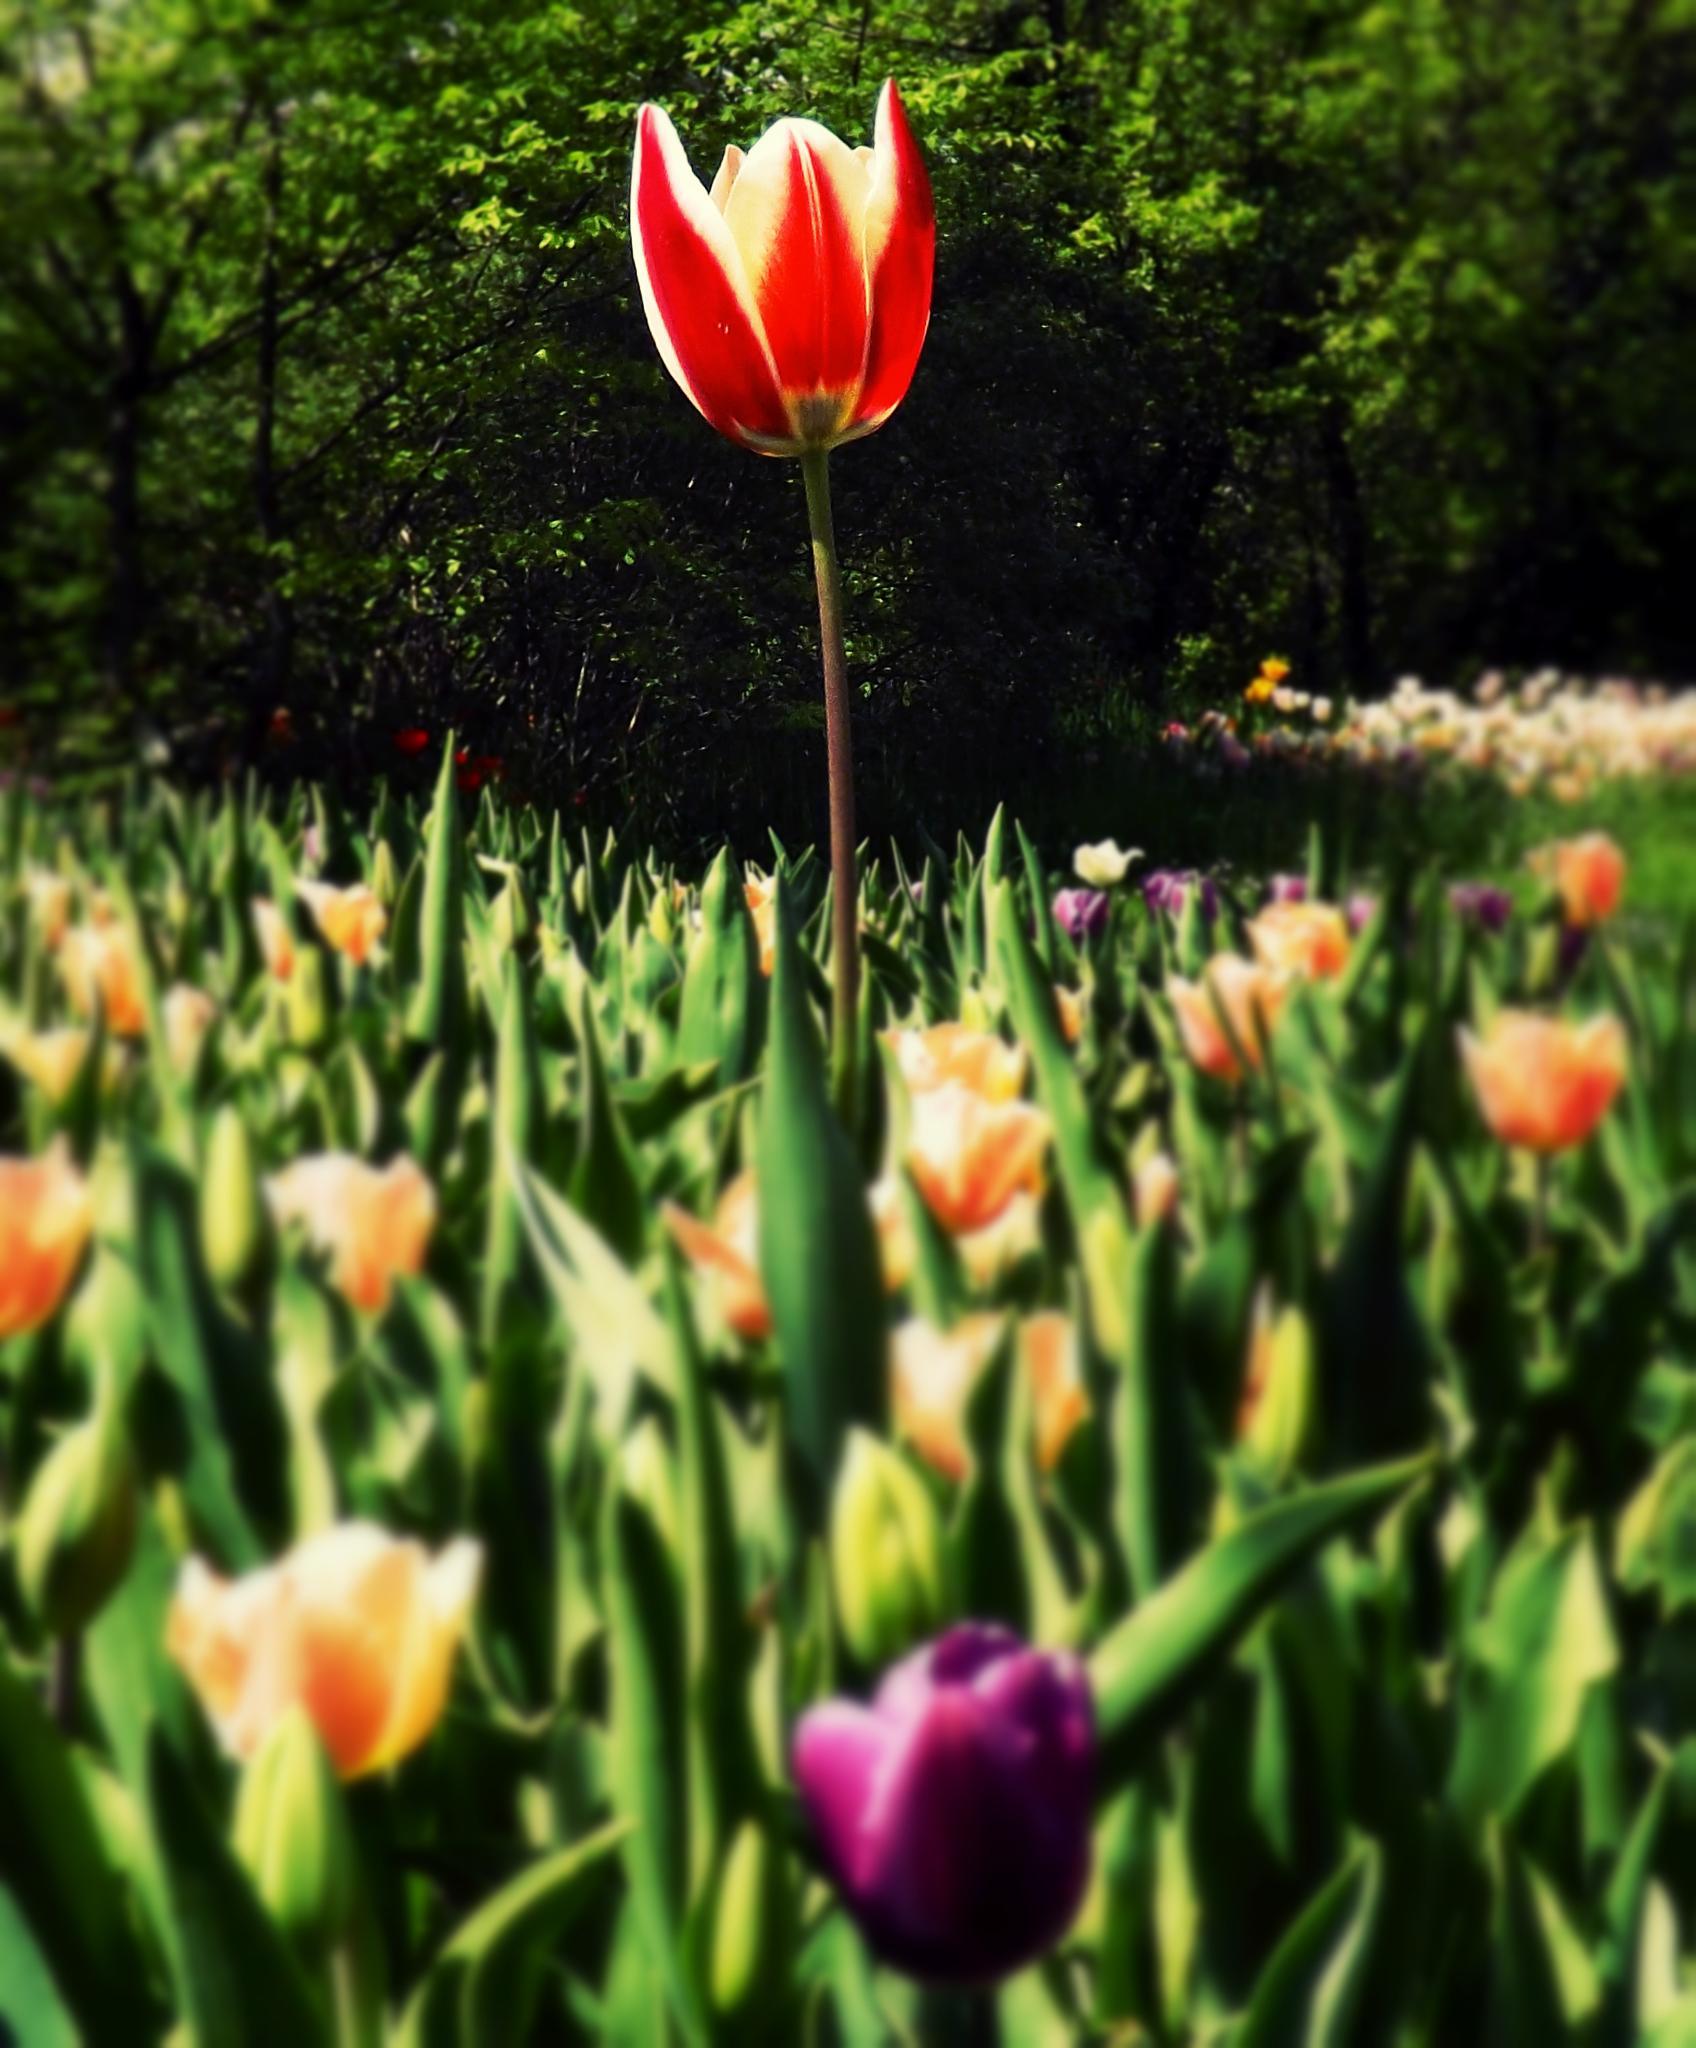 Tulip#2 by Mauro La Martina